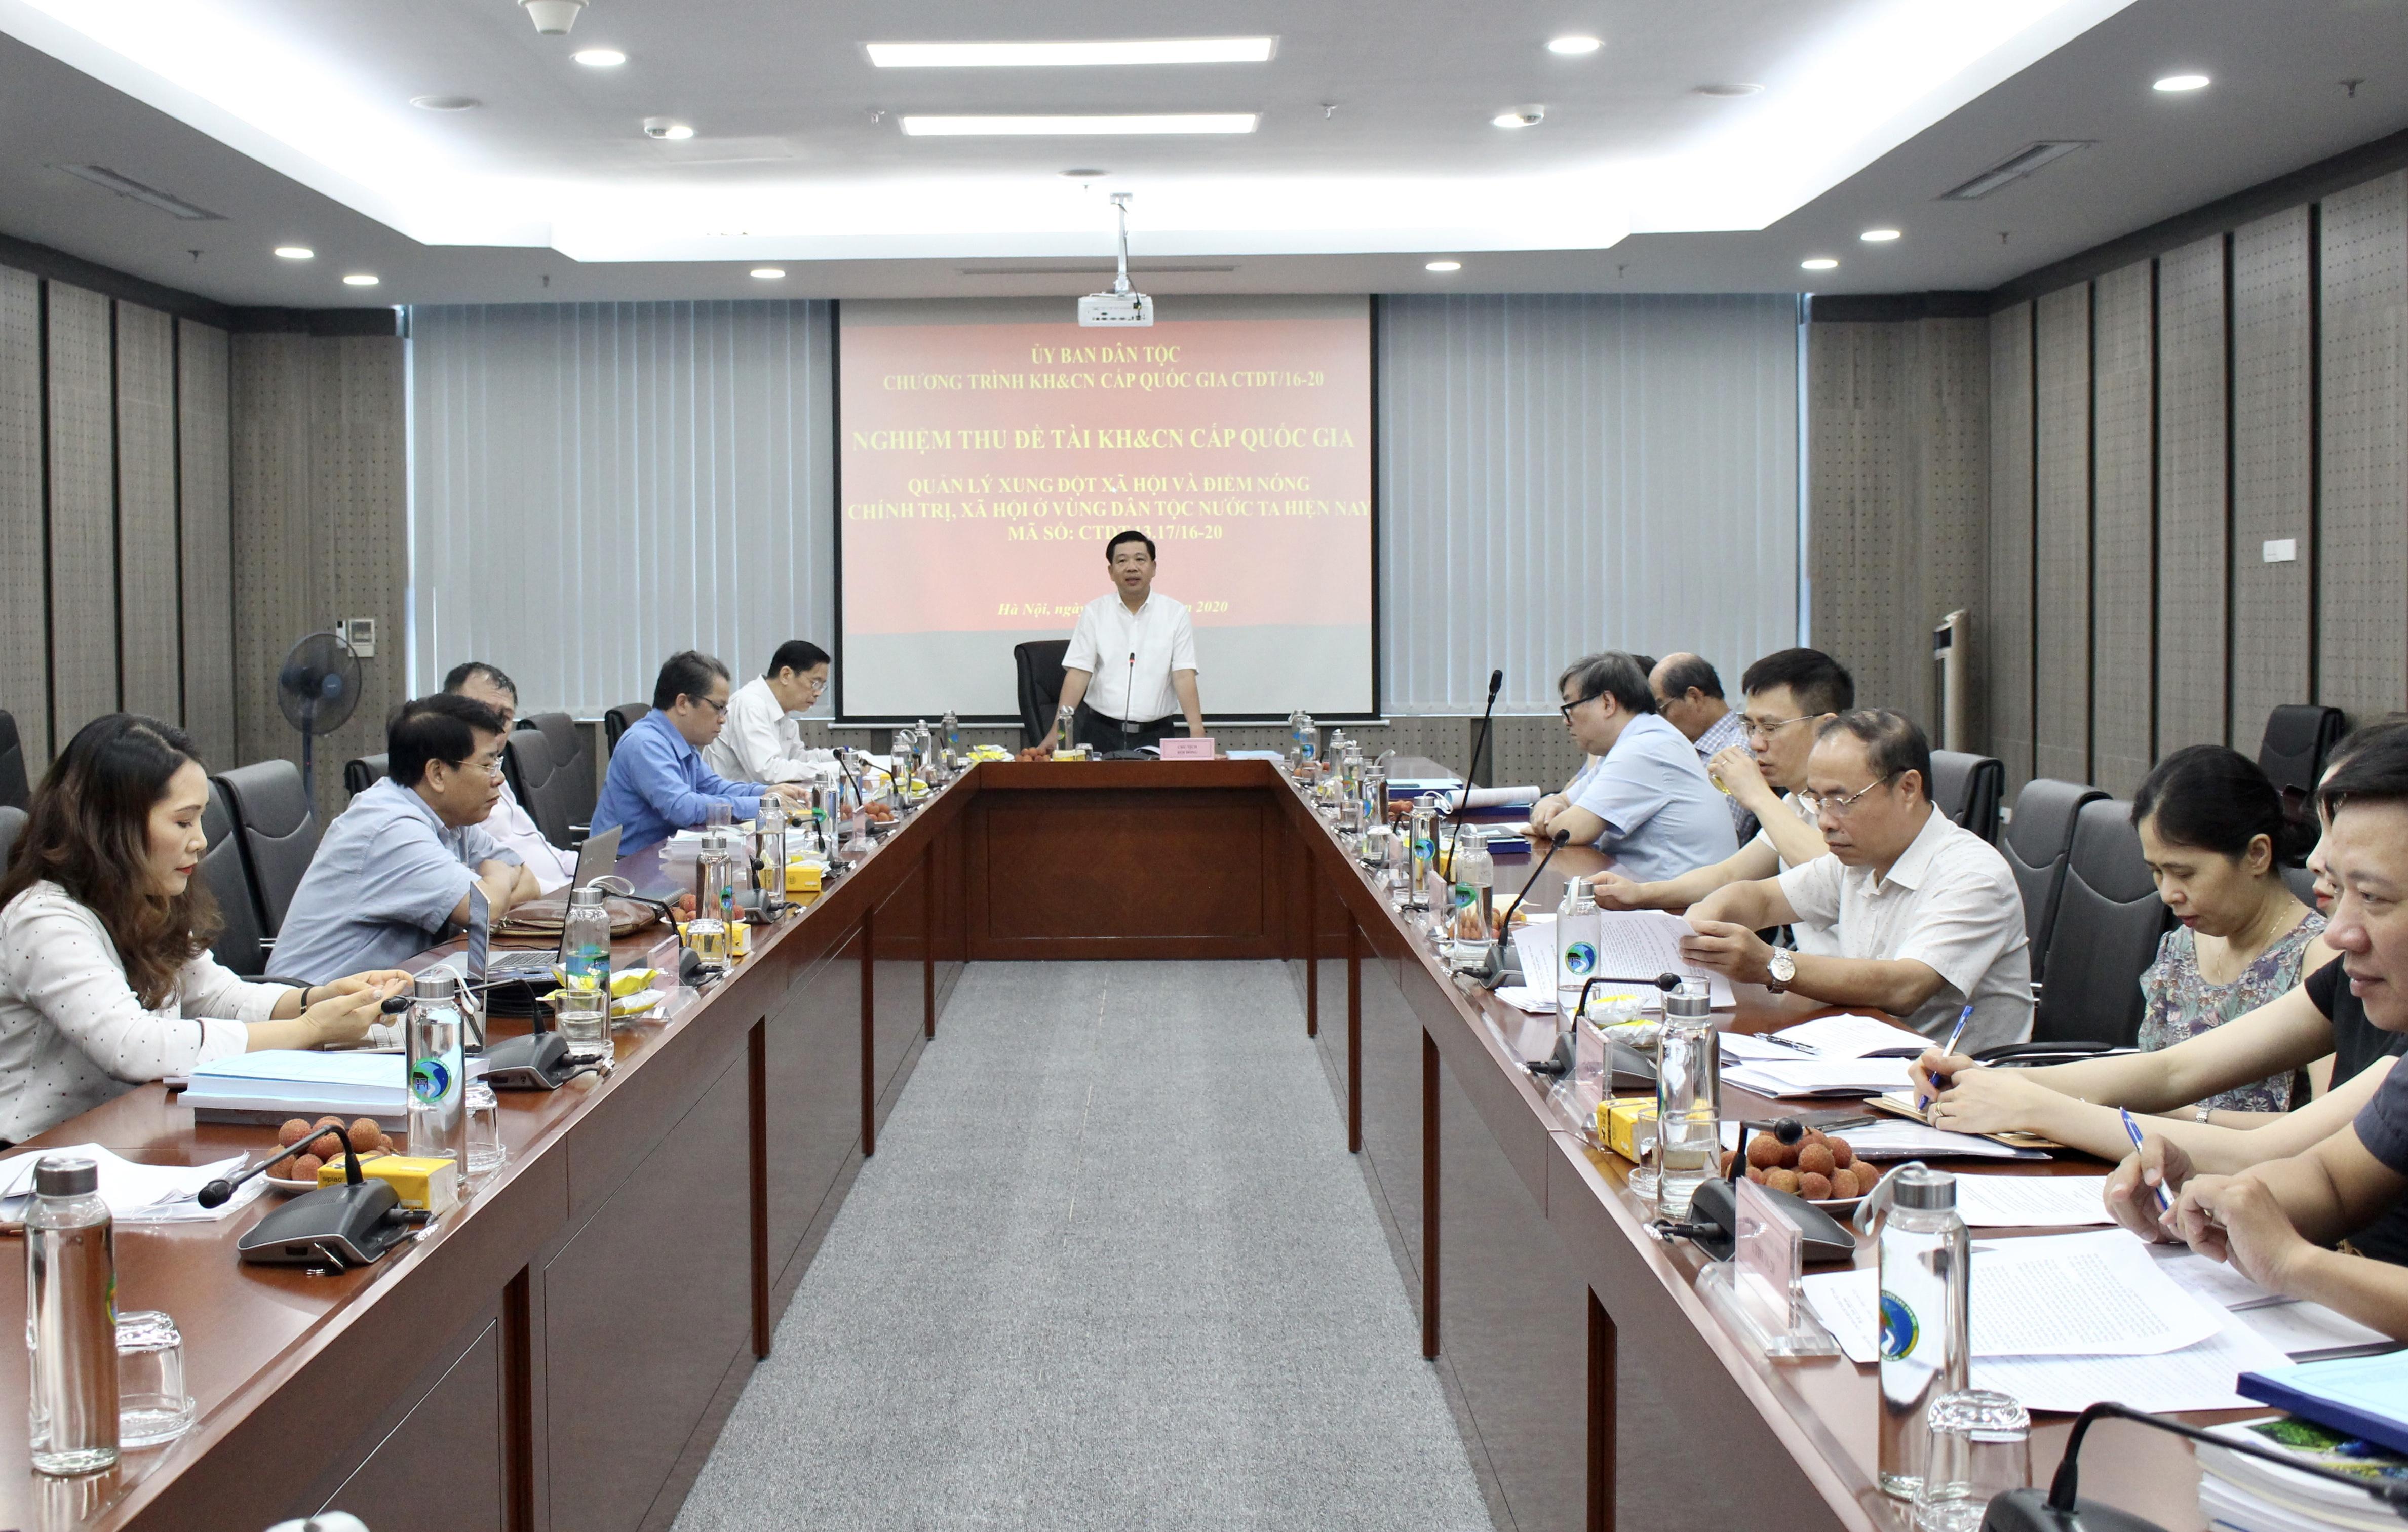 Thứ trưởng, Phó Chủ nhiệm Lê Sơn Hải, Chủ tịch Hội đồng Khoa học của UBDT phát biểu tại buổi nghiệm thu Đề tài